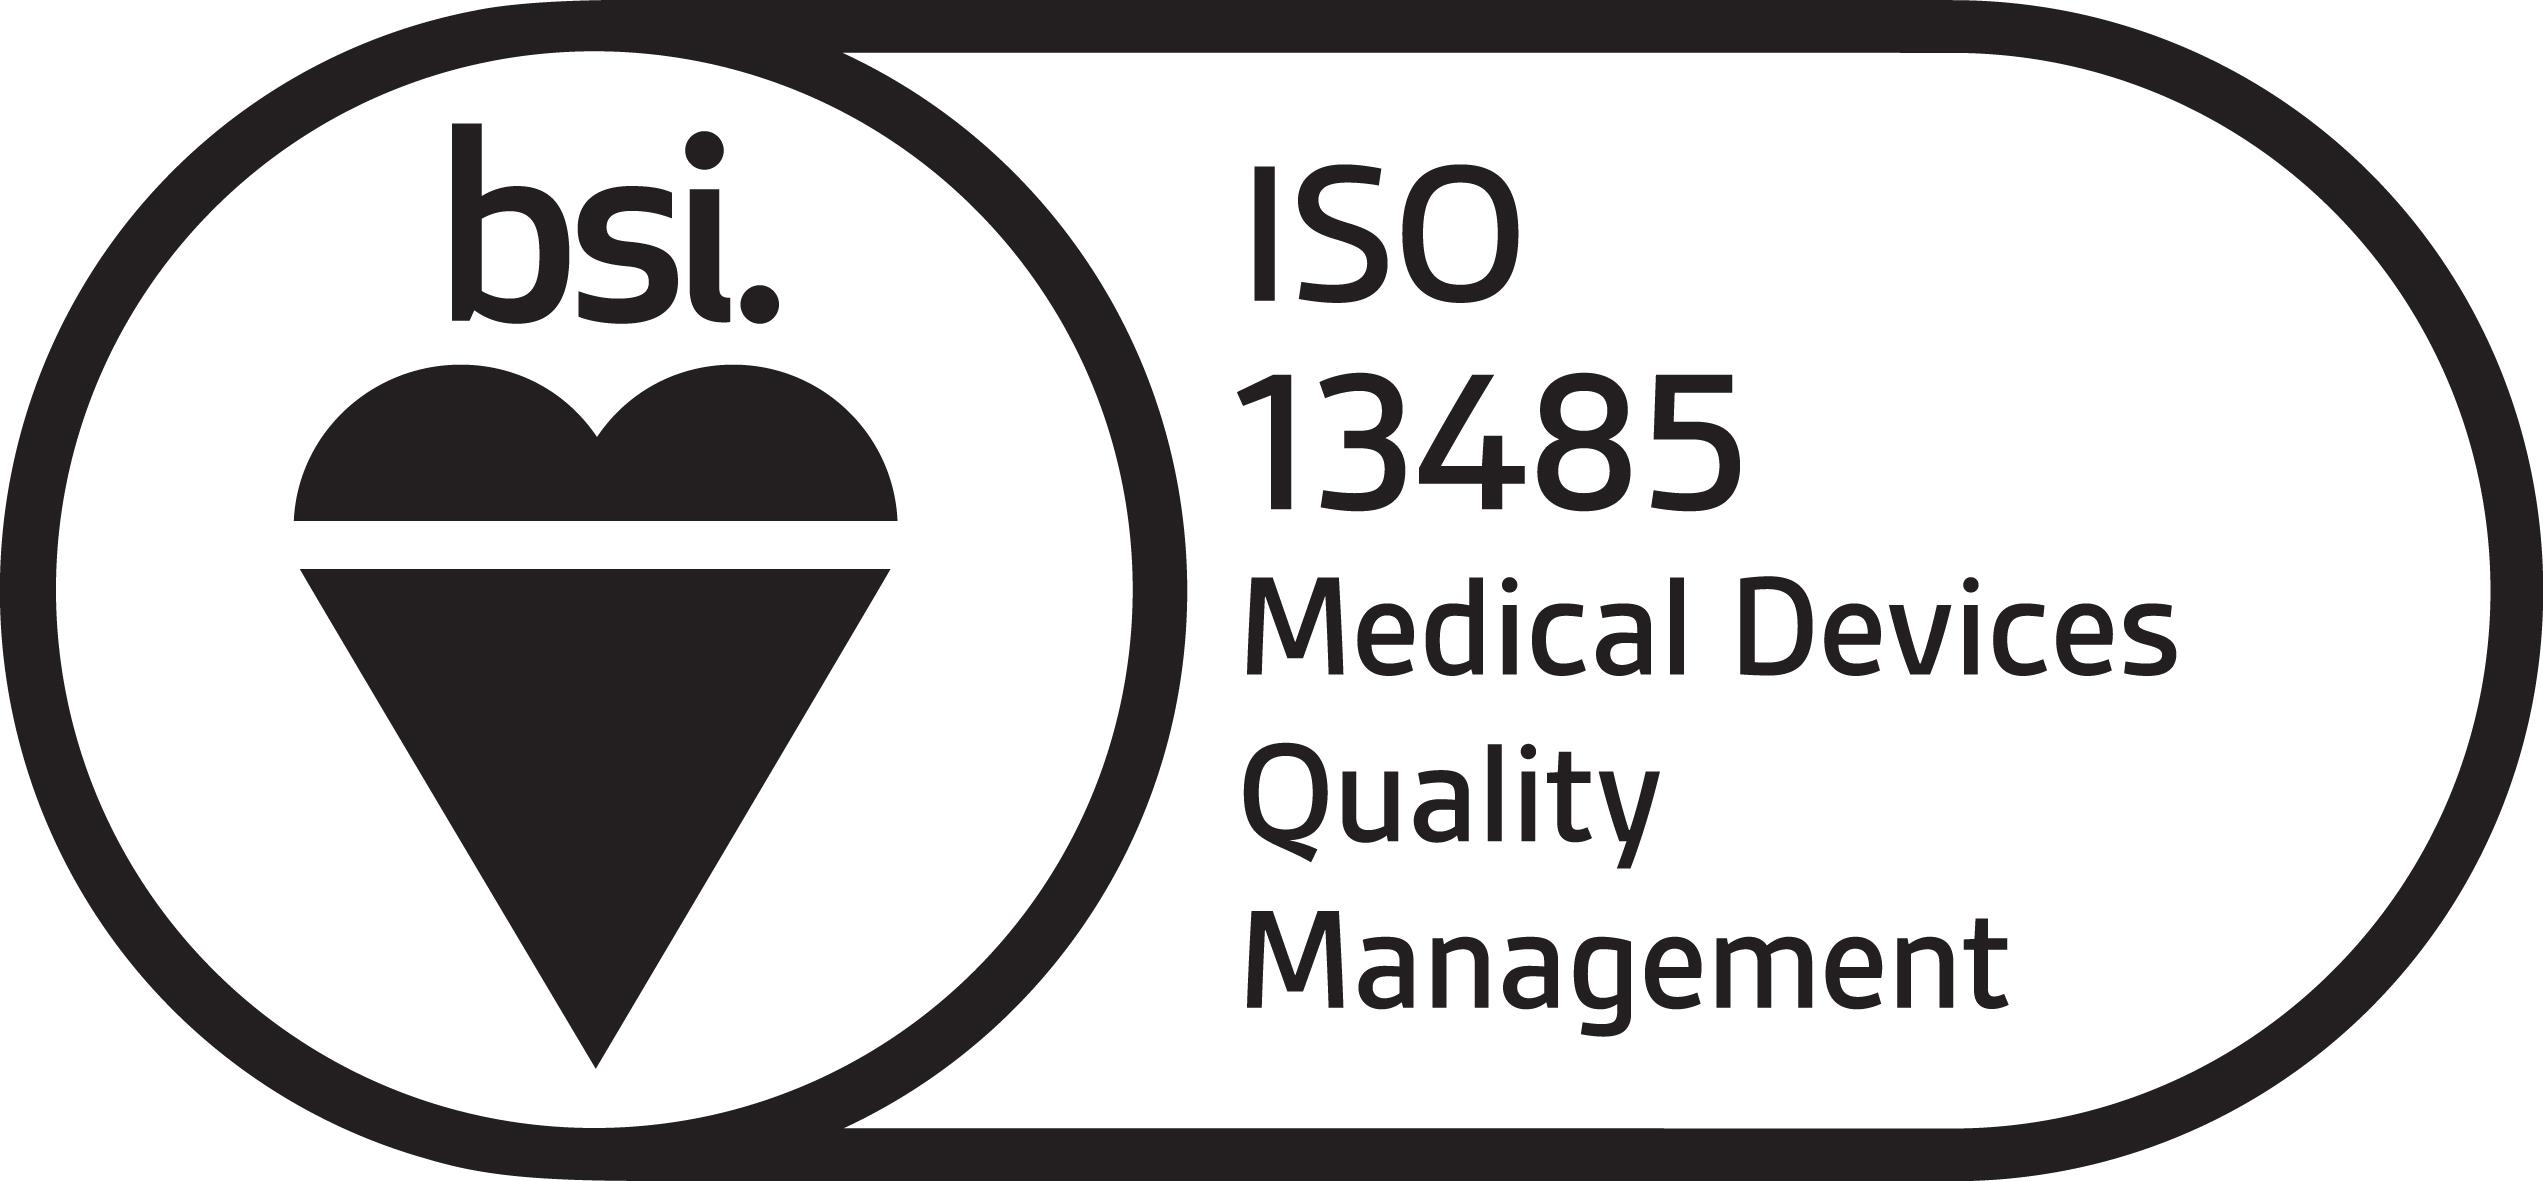 BSI-Assurance-Mark-ISO-13485